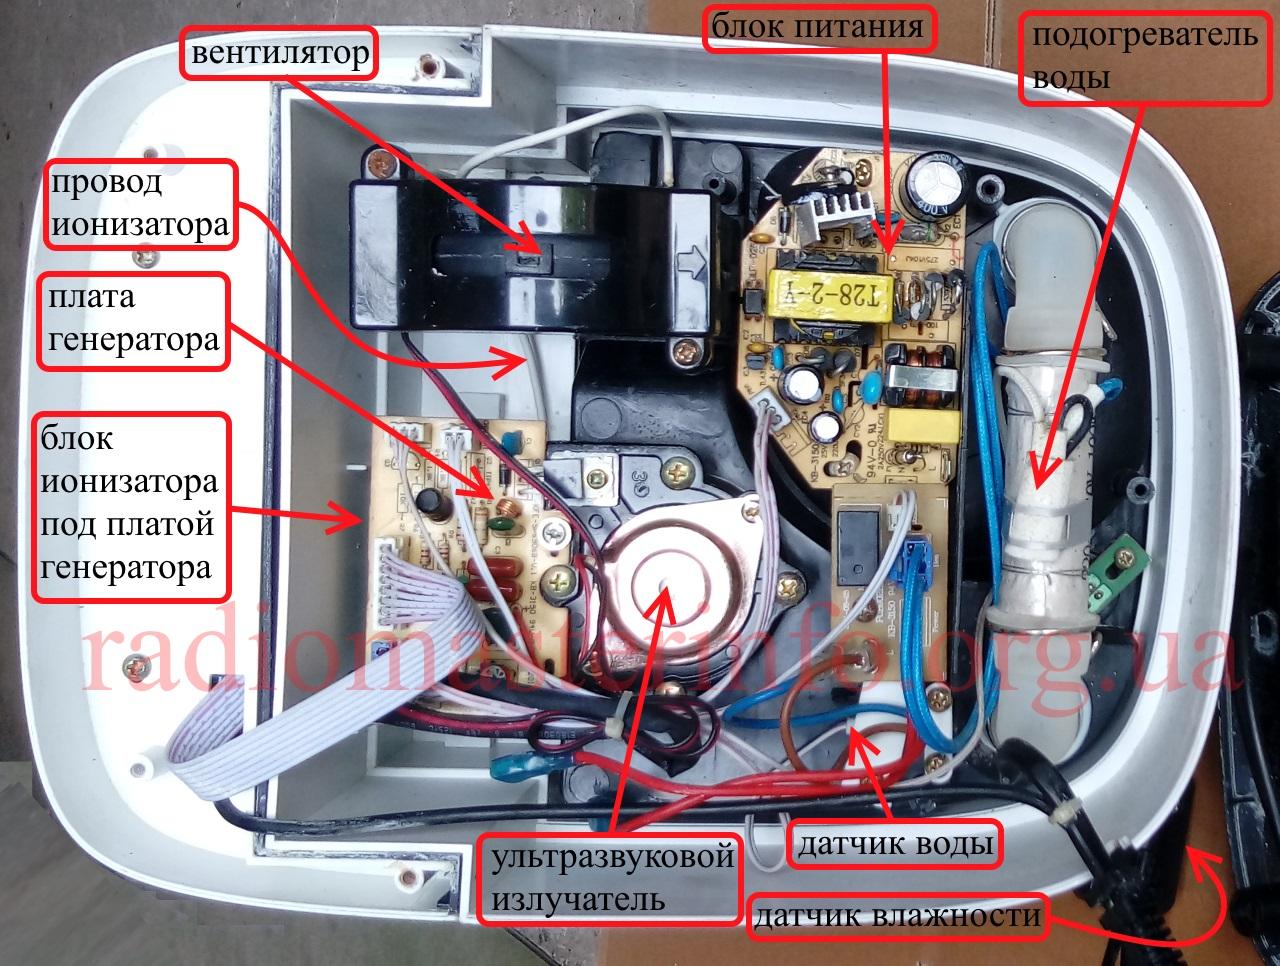 Ремонт увлажнителя воздуха: причины поломок и способы их устранения